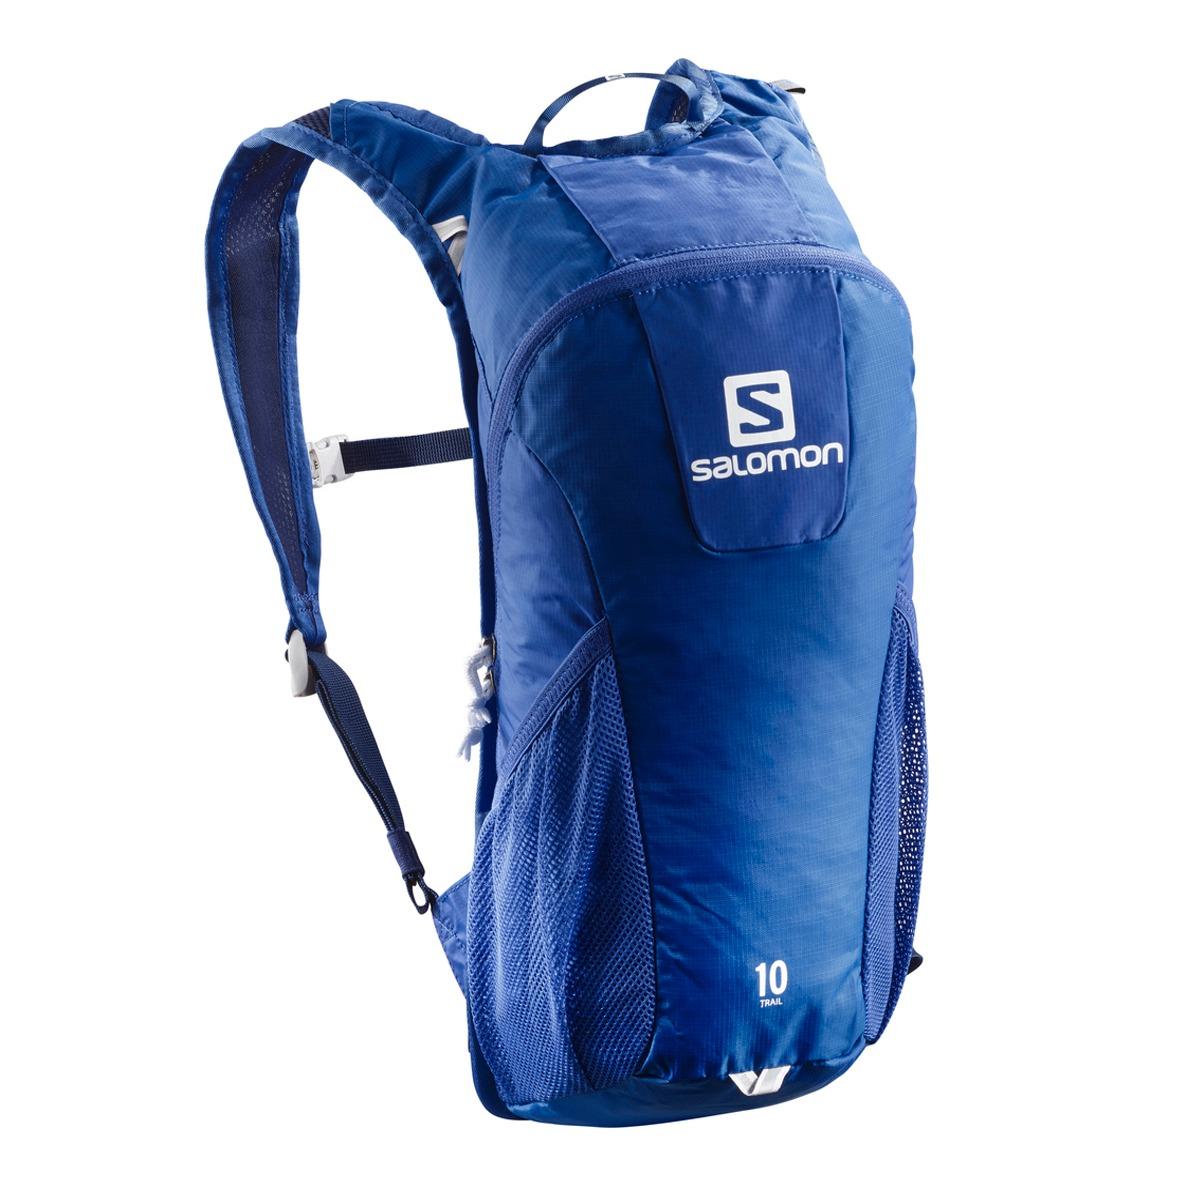 ddebe5a66f2 Mochila Salomon Trail 10 Azul Trail Running - $ 2.370,00 en Mercado ...